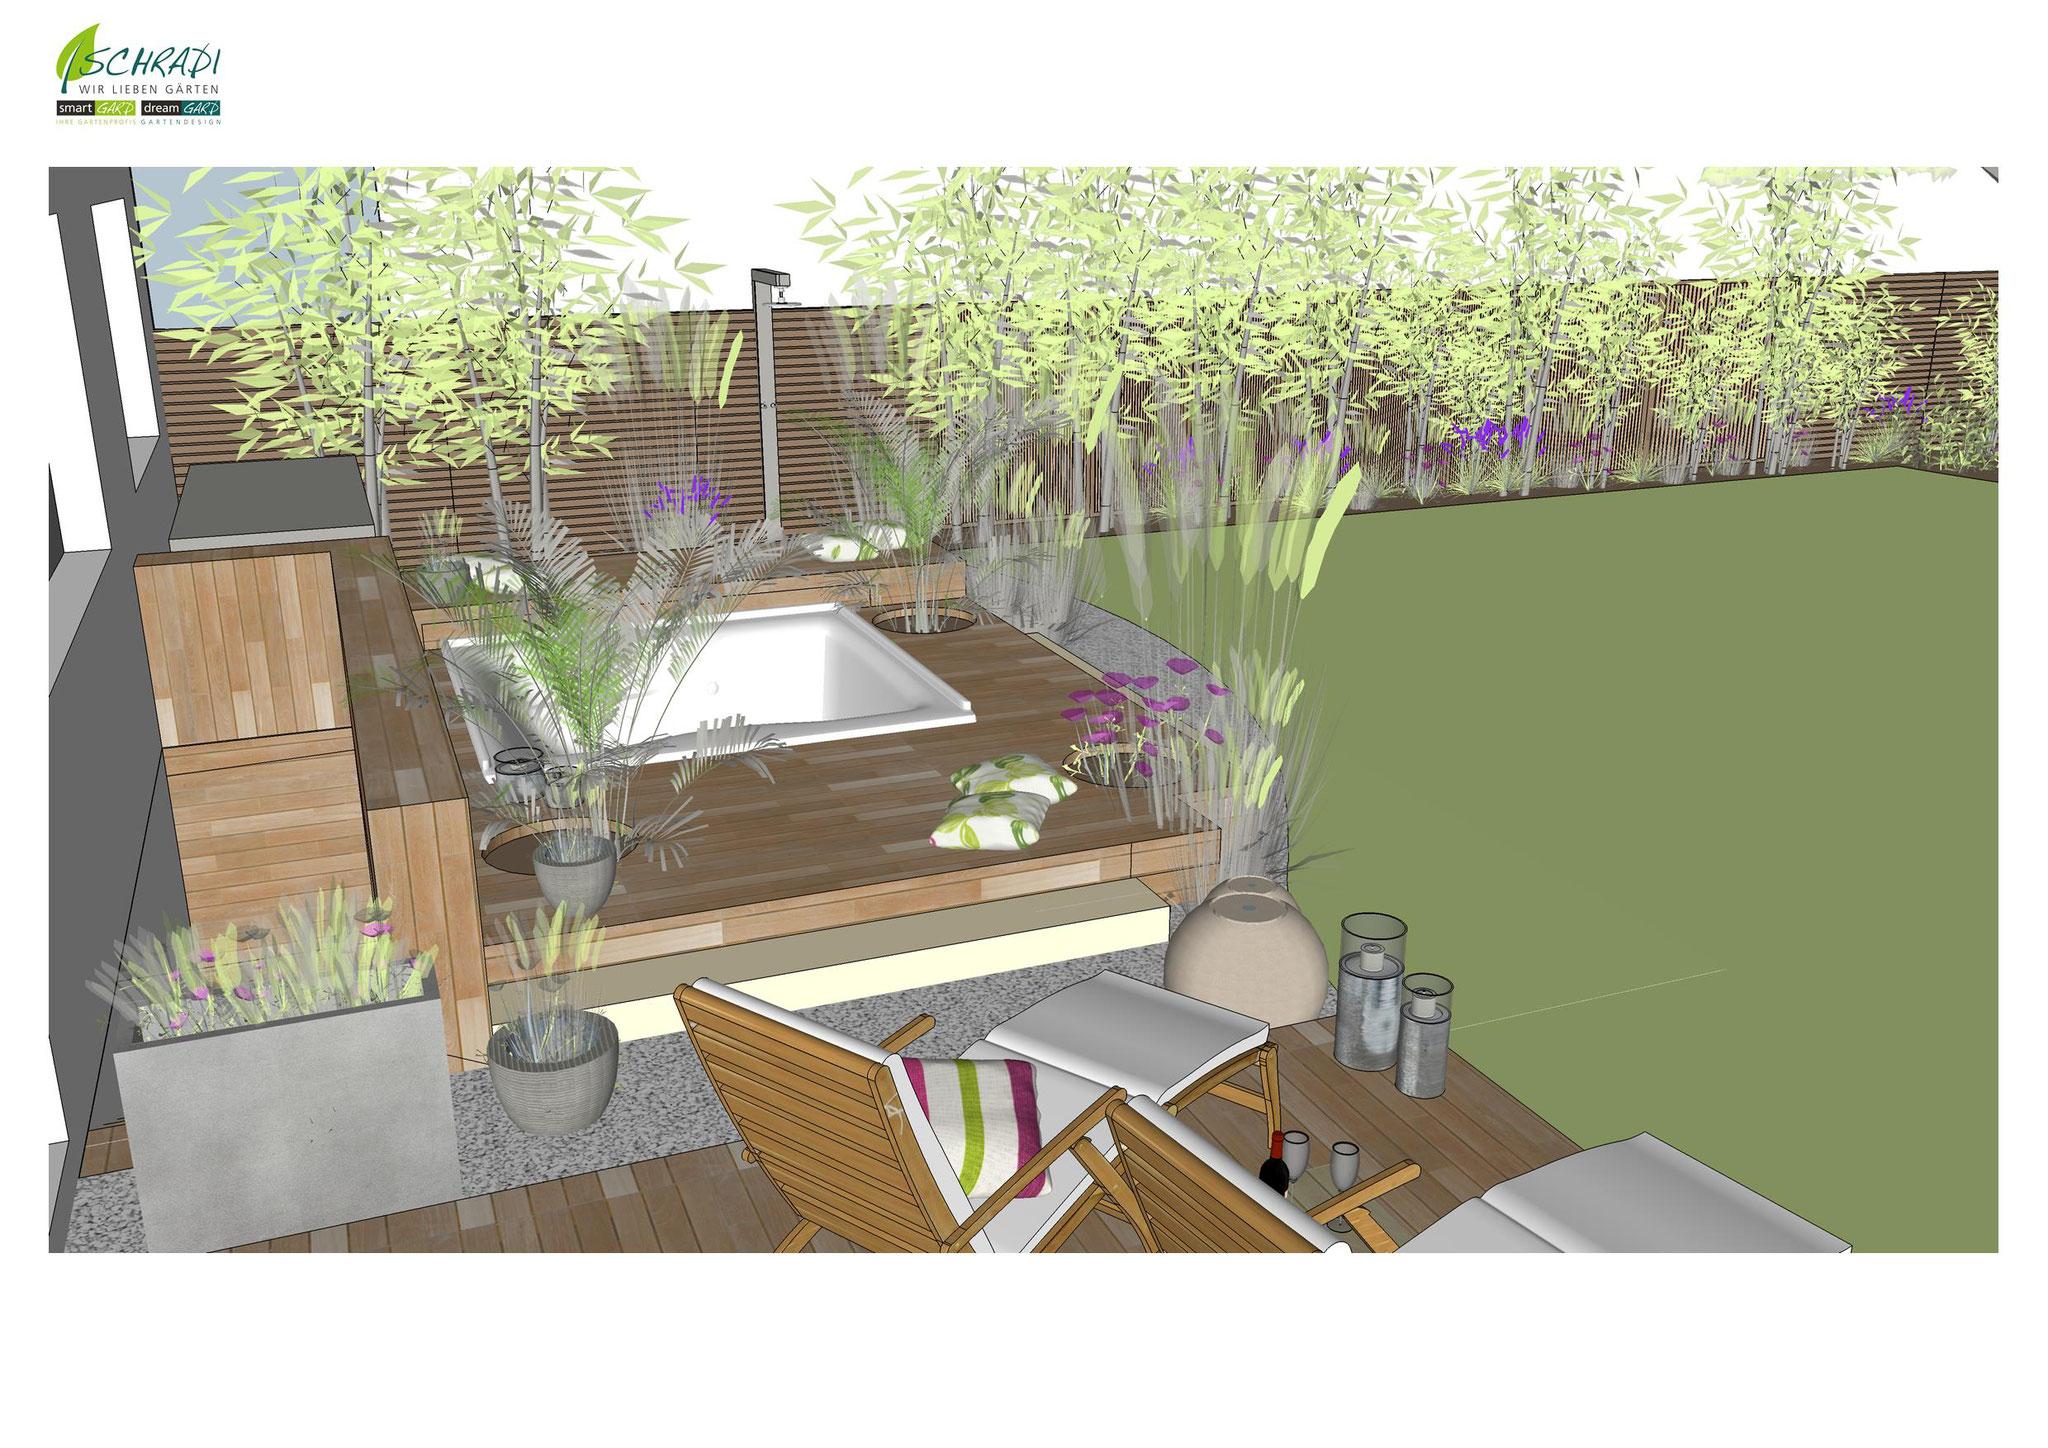 Garten mit Holzterrasse in 3D visualisiert